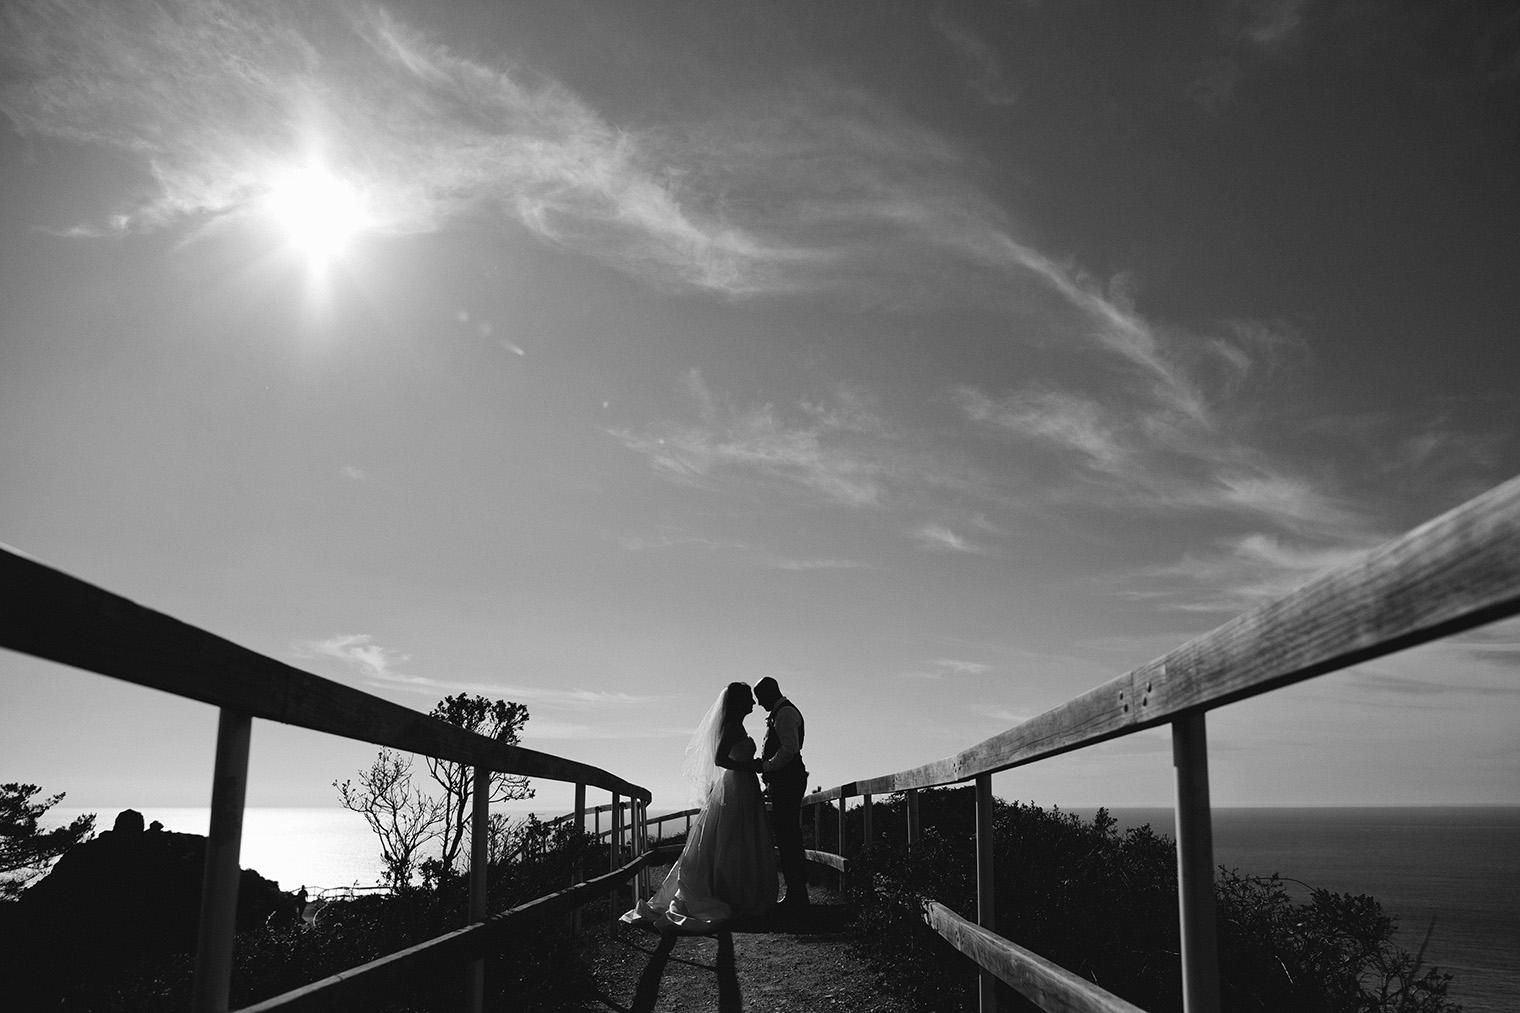 muir beach overlook wedding photographer